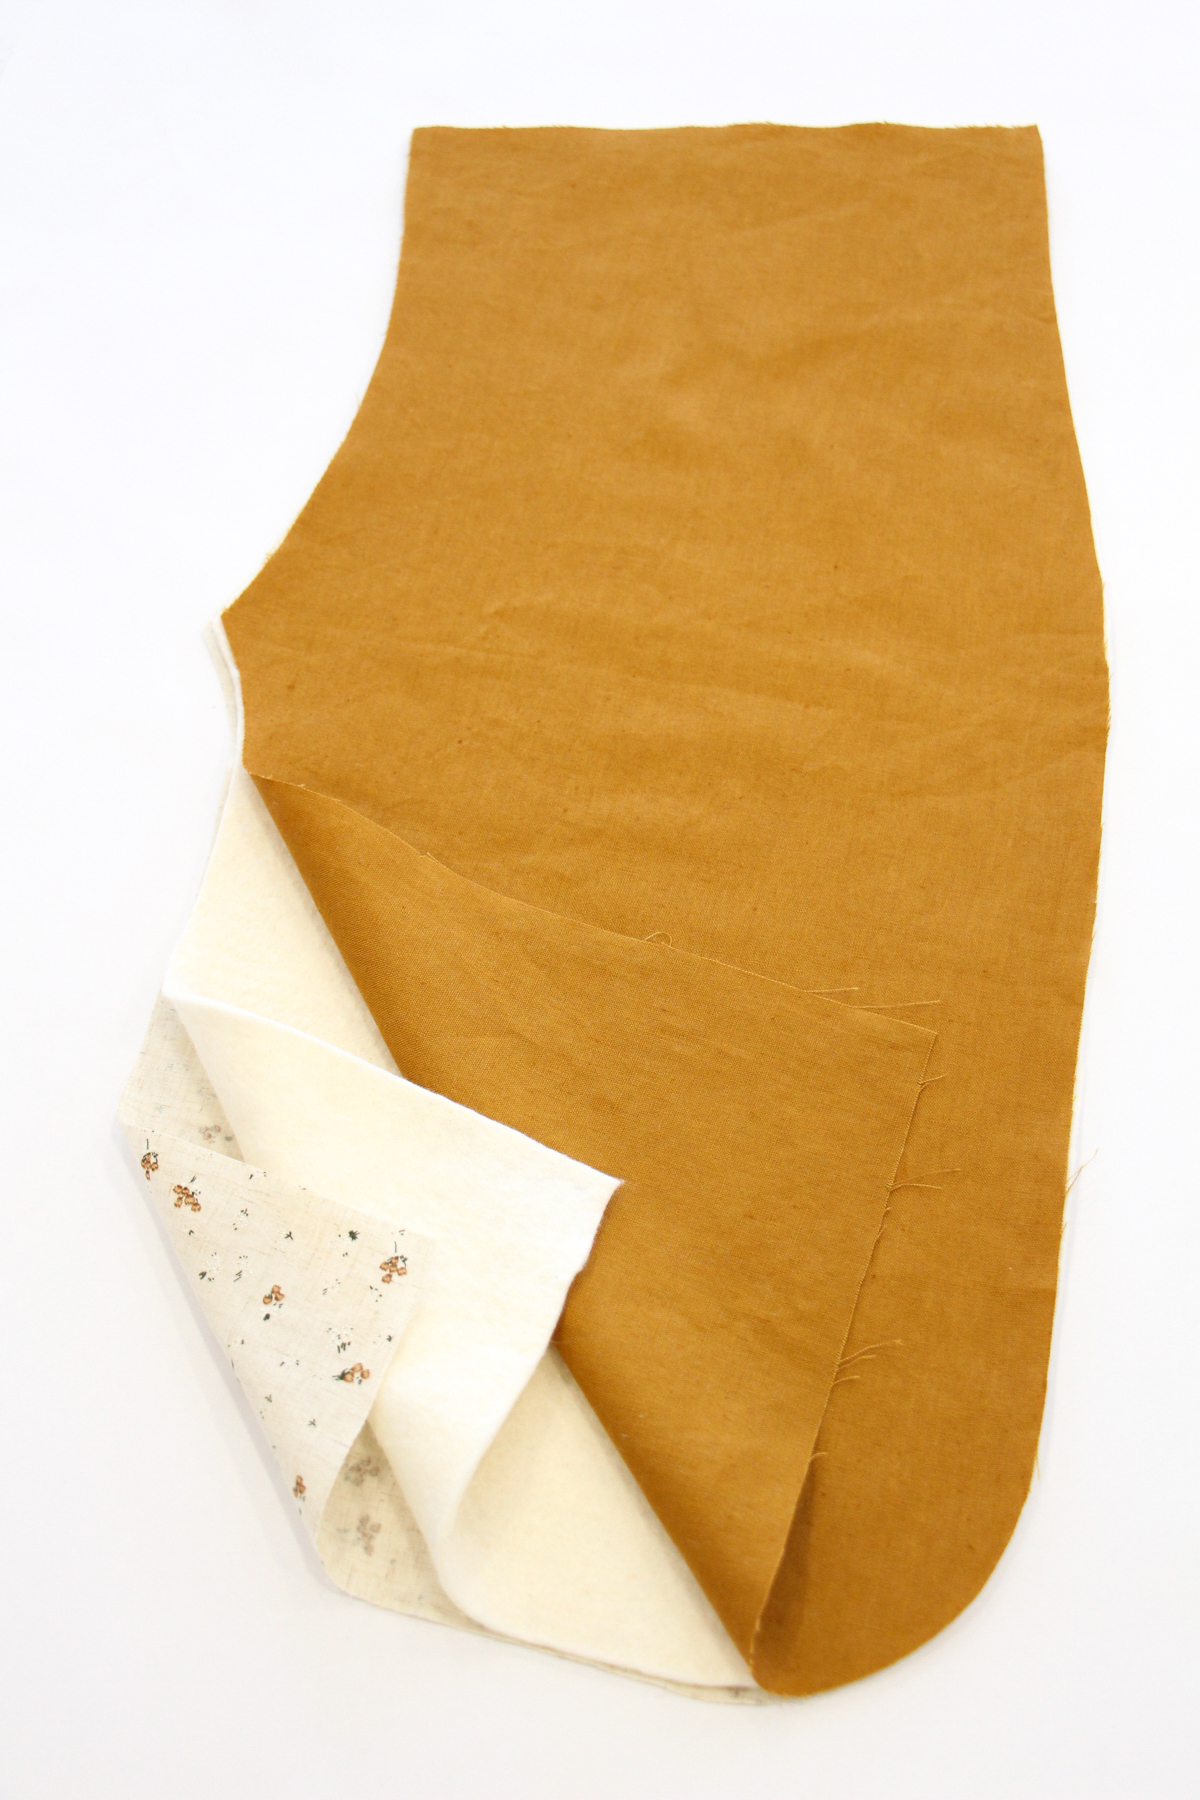 Megan Nielsen Patterns | Hovea Sewalong: Quilting Prep | Making Your Quilt Sandwich